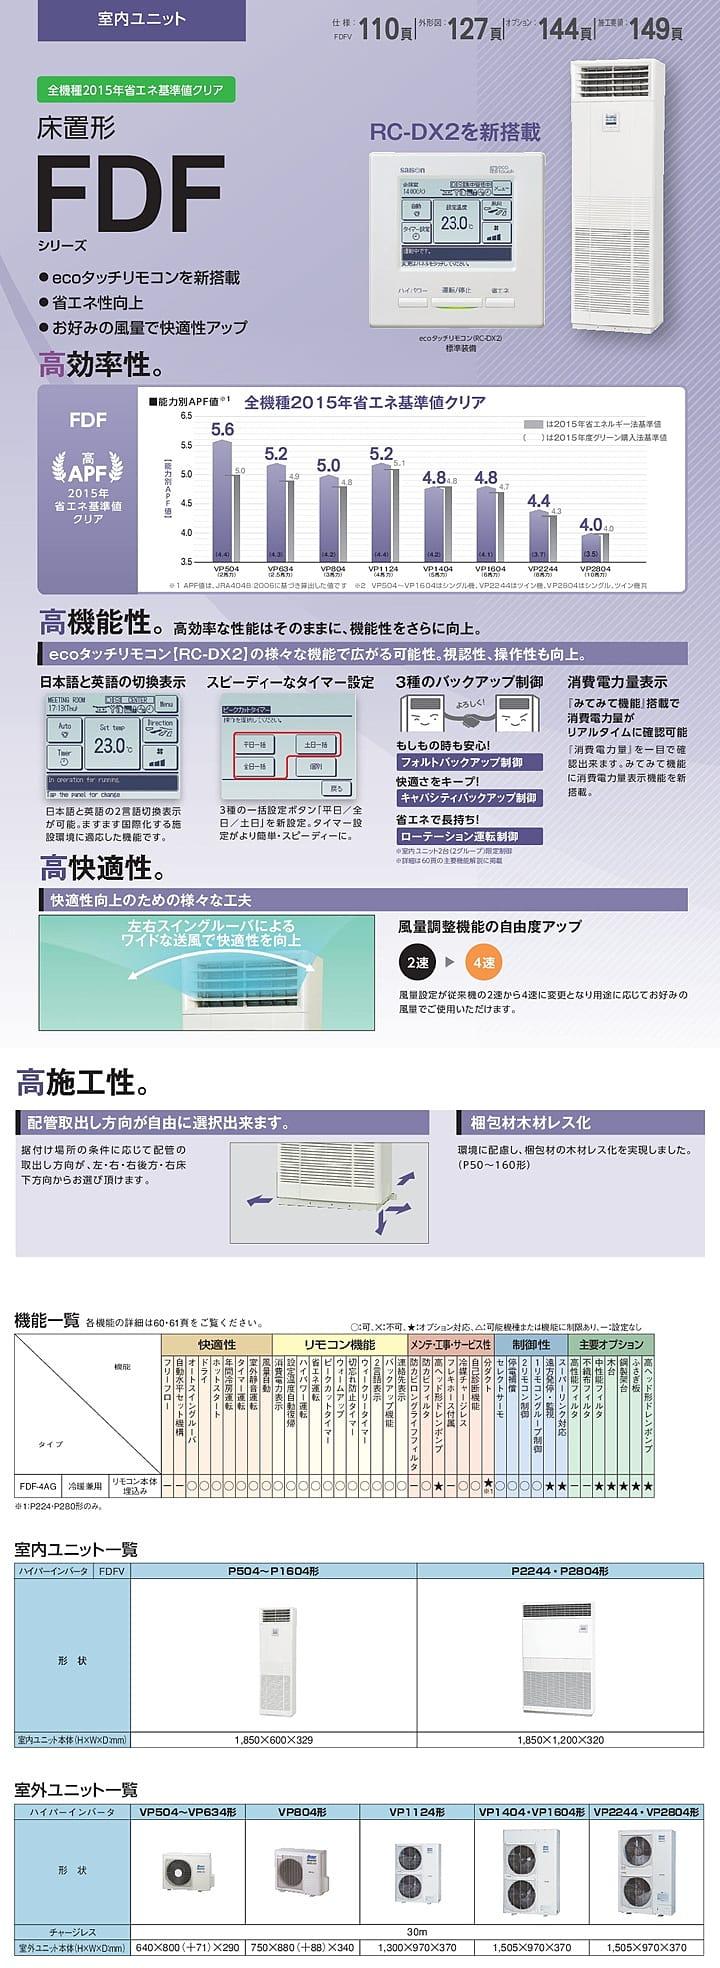 三菱重工 業務用エアコン FDFVP2804H4AG